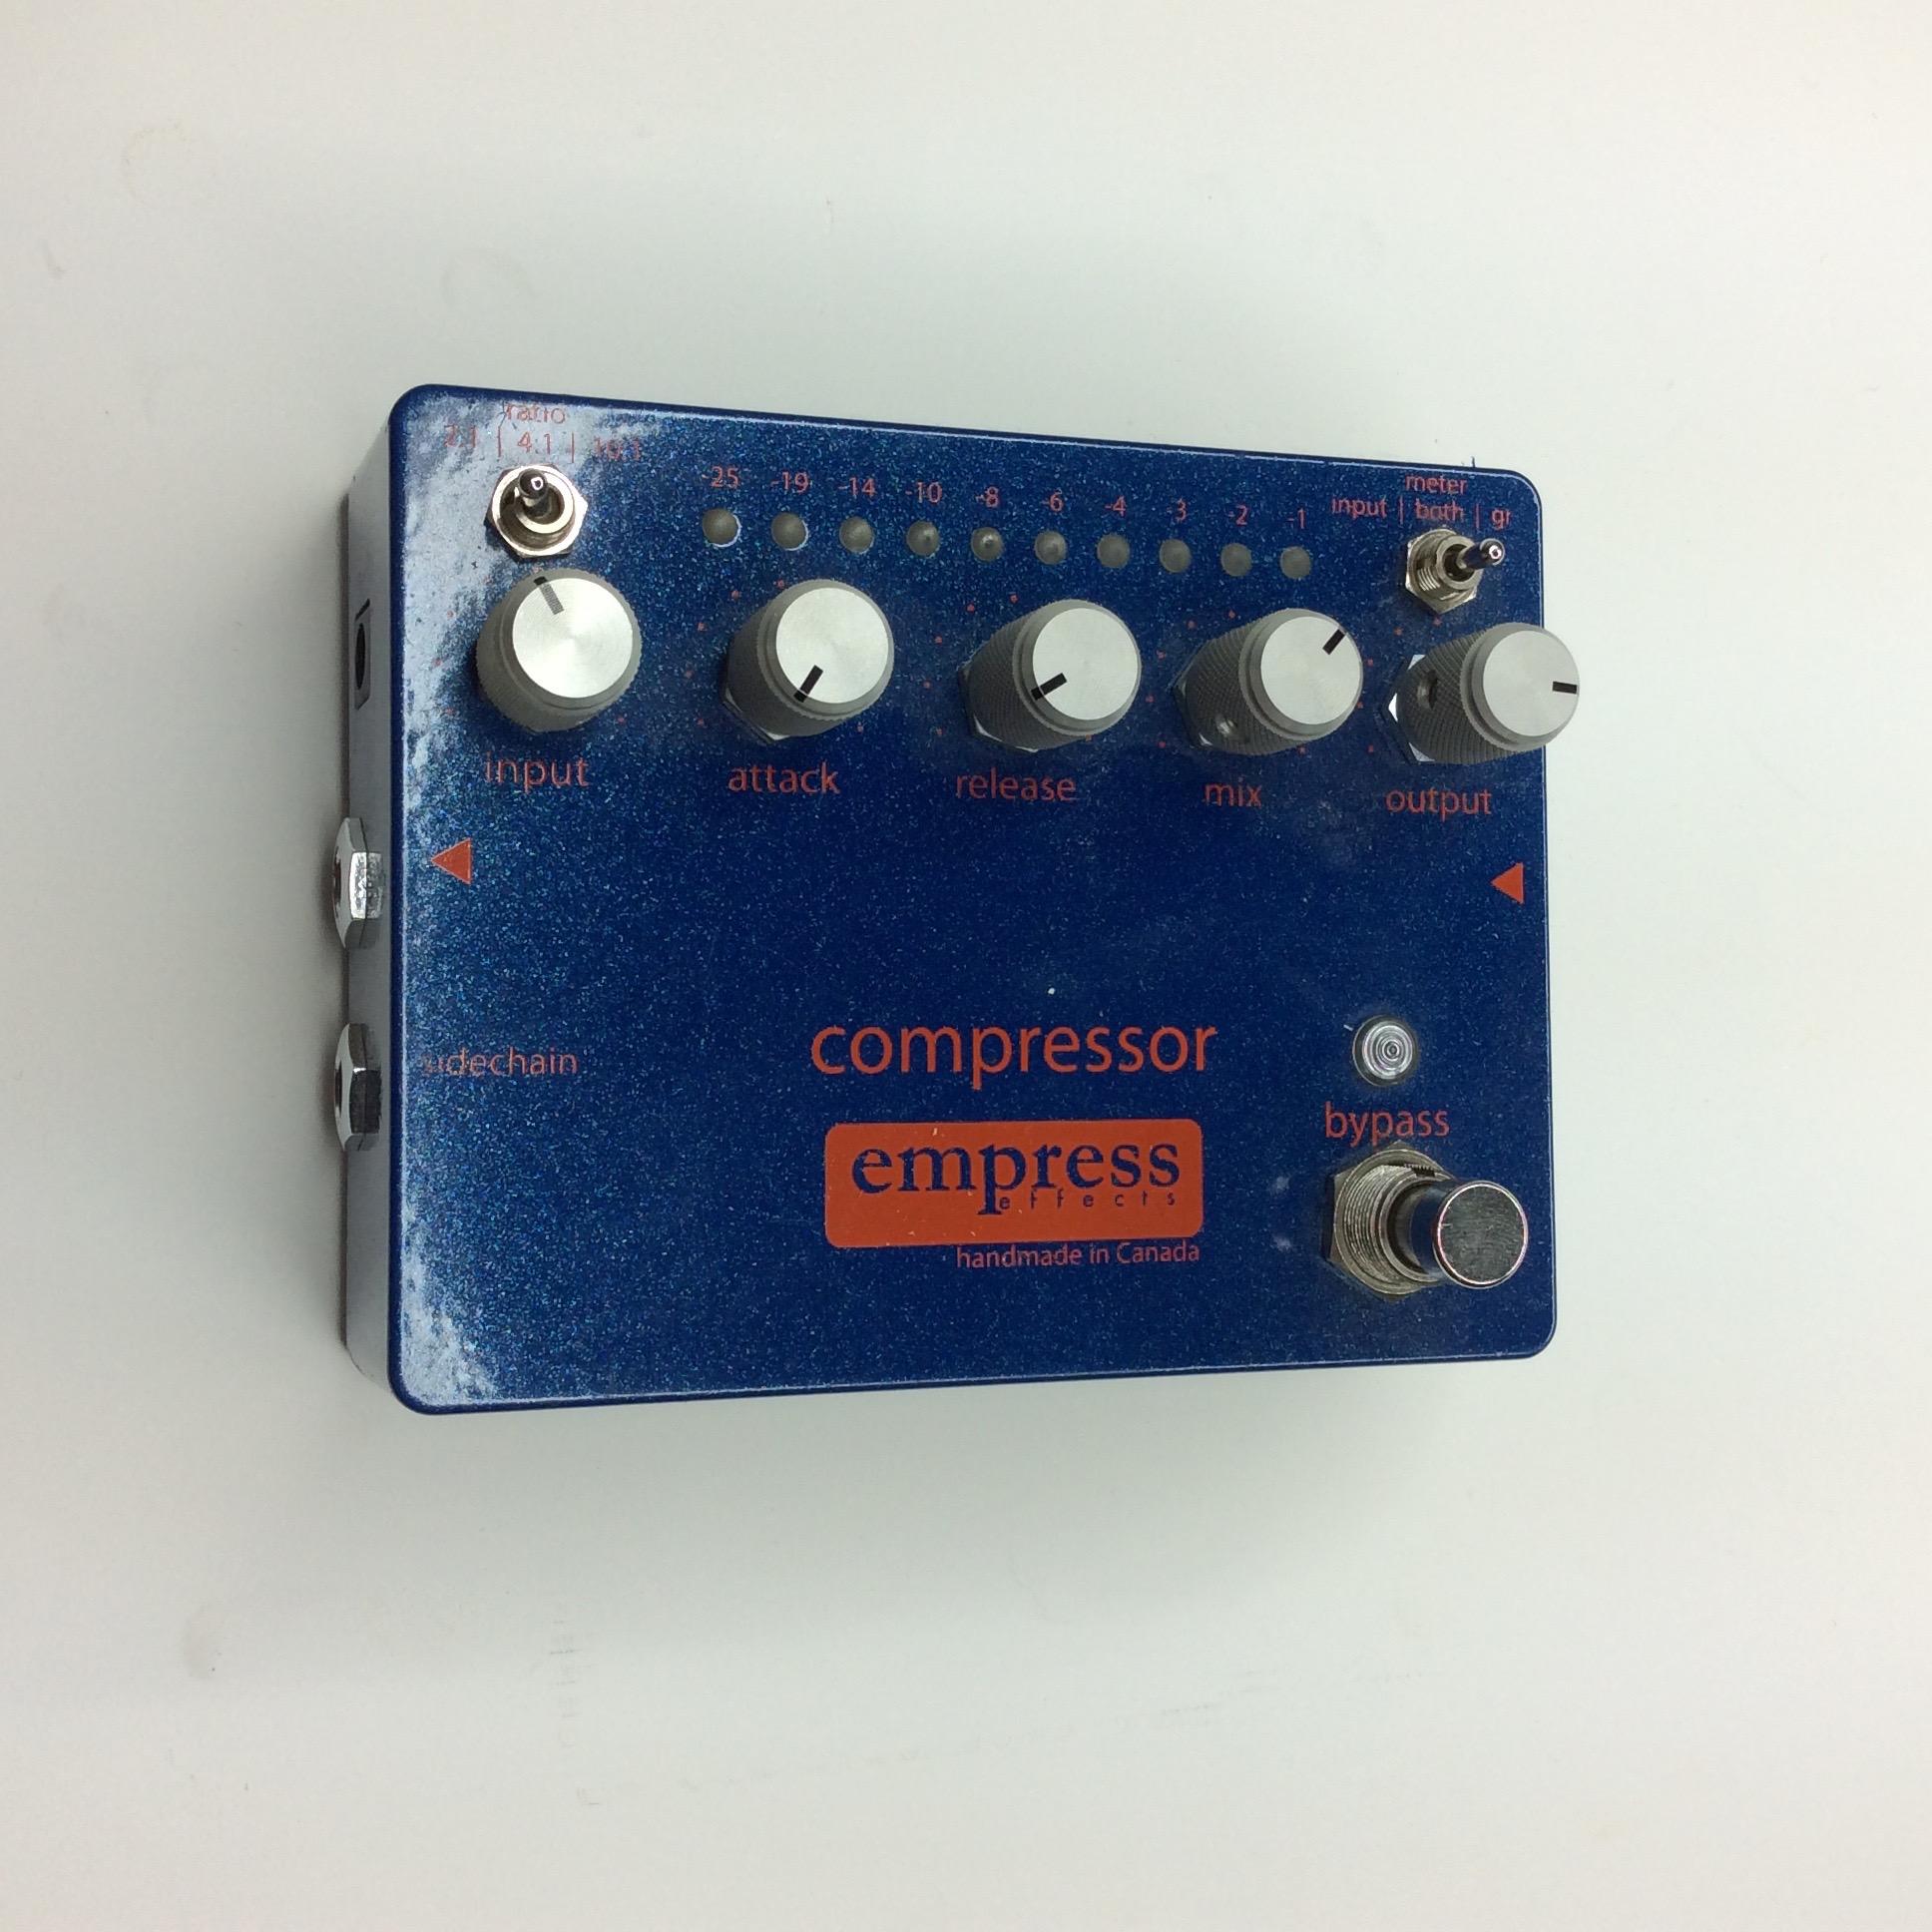 compressor  Make: empress